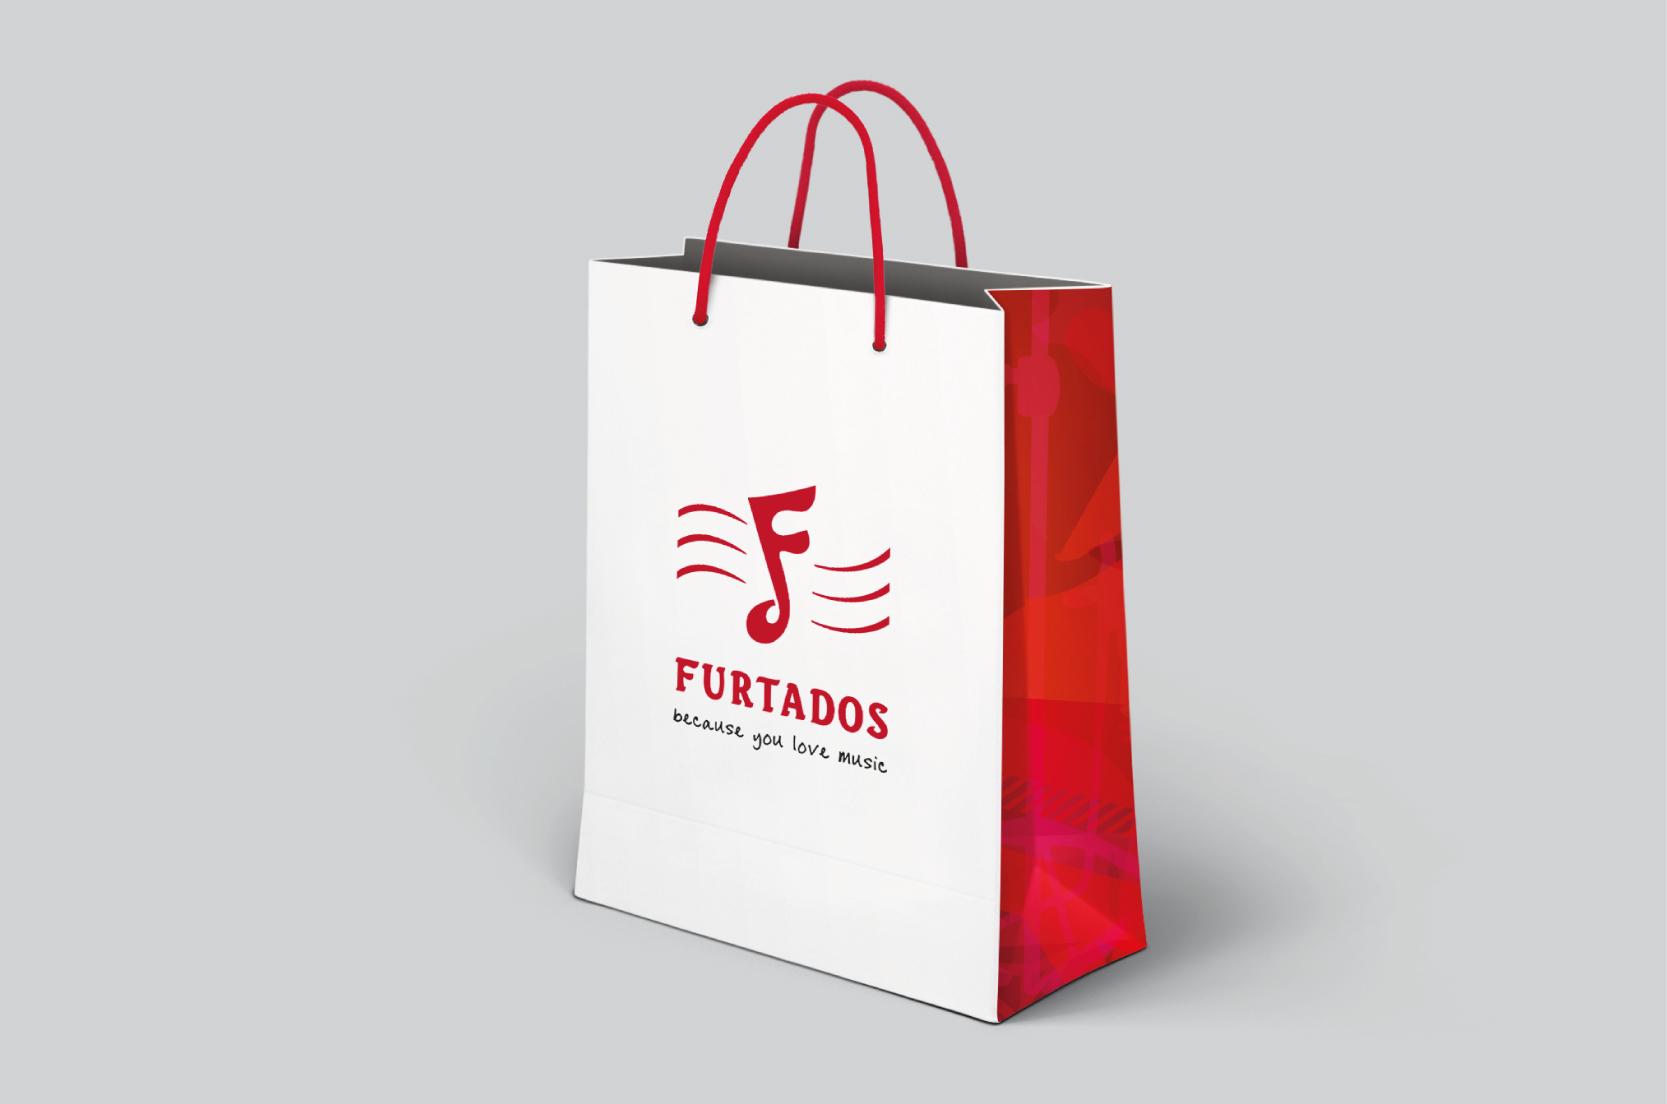 Furtados_Branding_Elephant Design 3.jpg